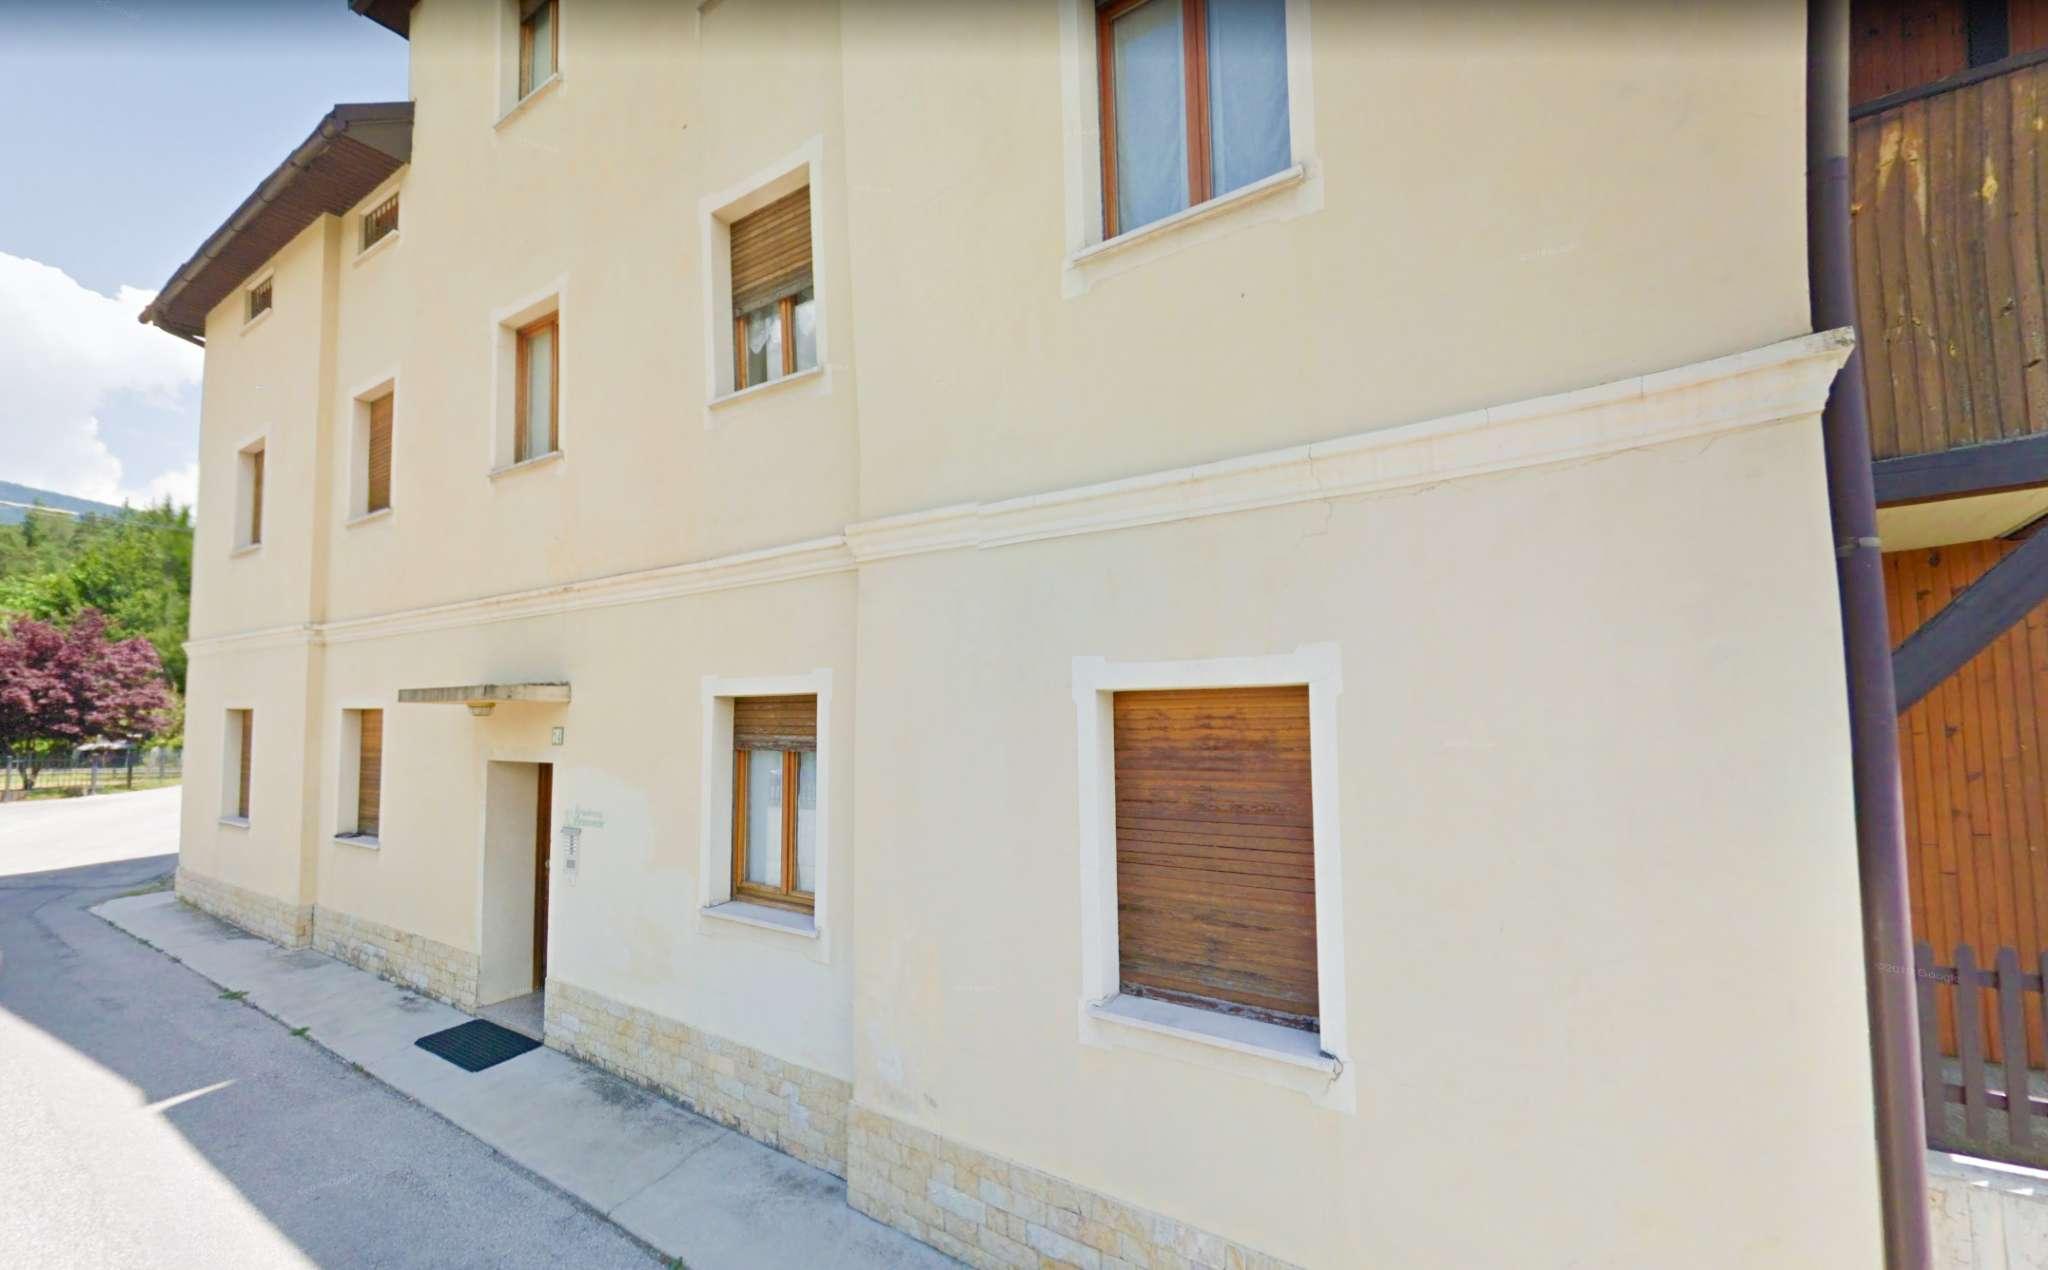 Appartamento in vendita a Tarvisio, 3 locali, prezzo € 51.000   CambioCasa.it